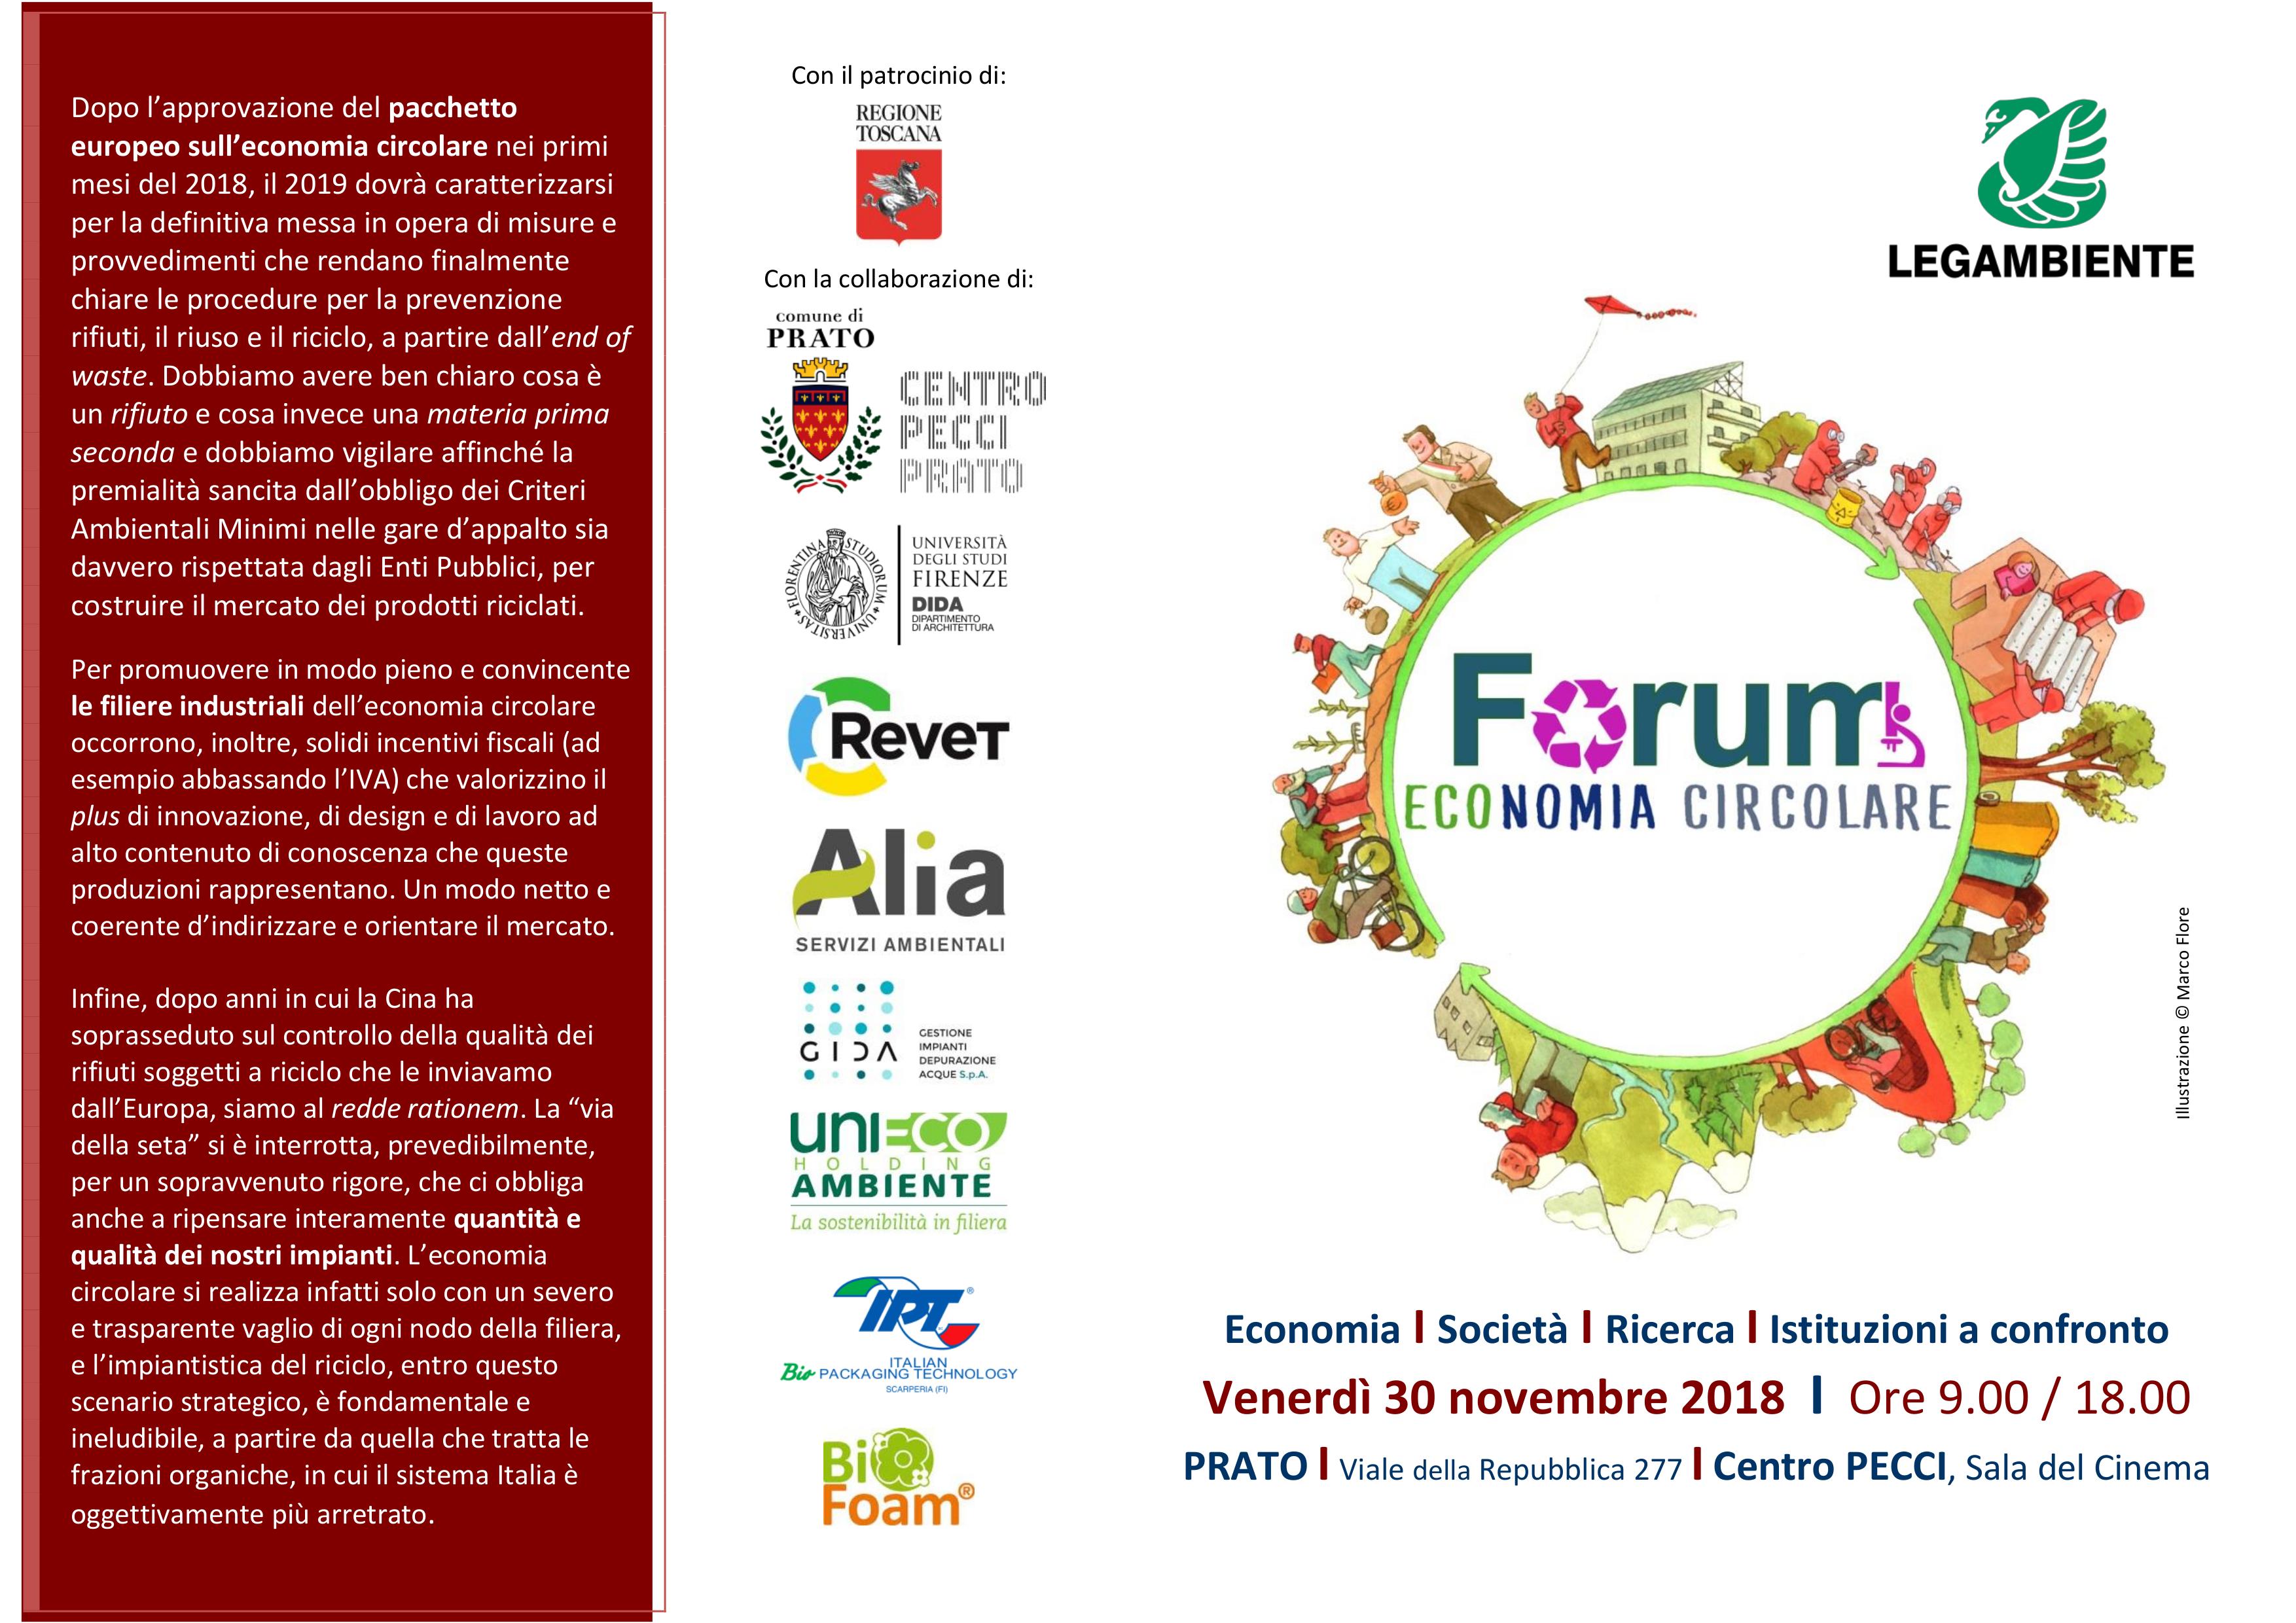 Frontespizio_Forum_ECONOMIA CIRCOLARE_2018